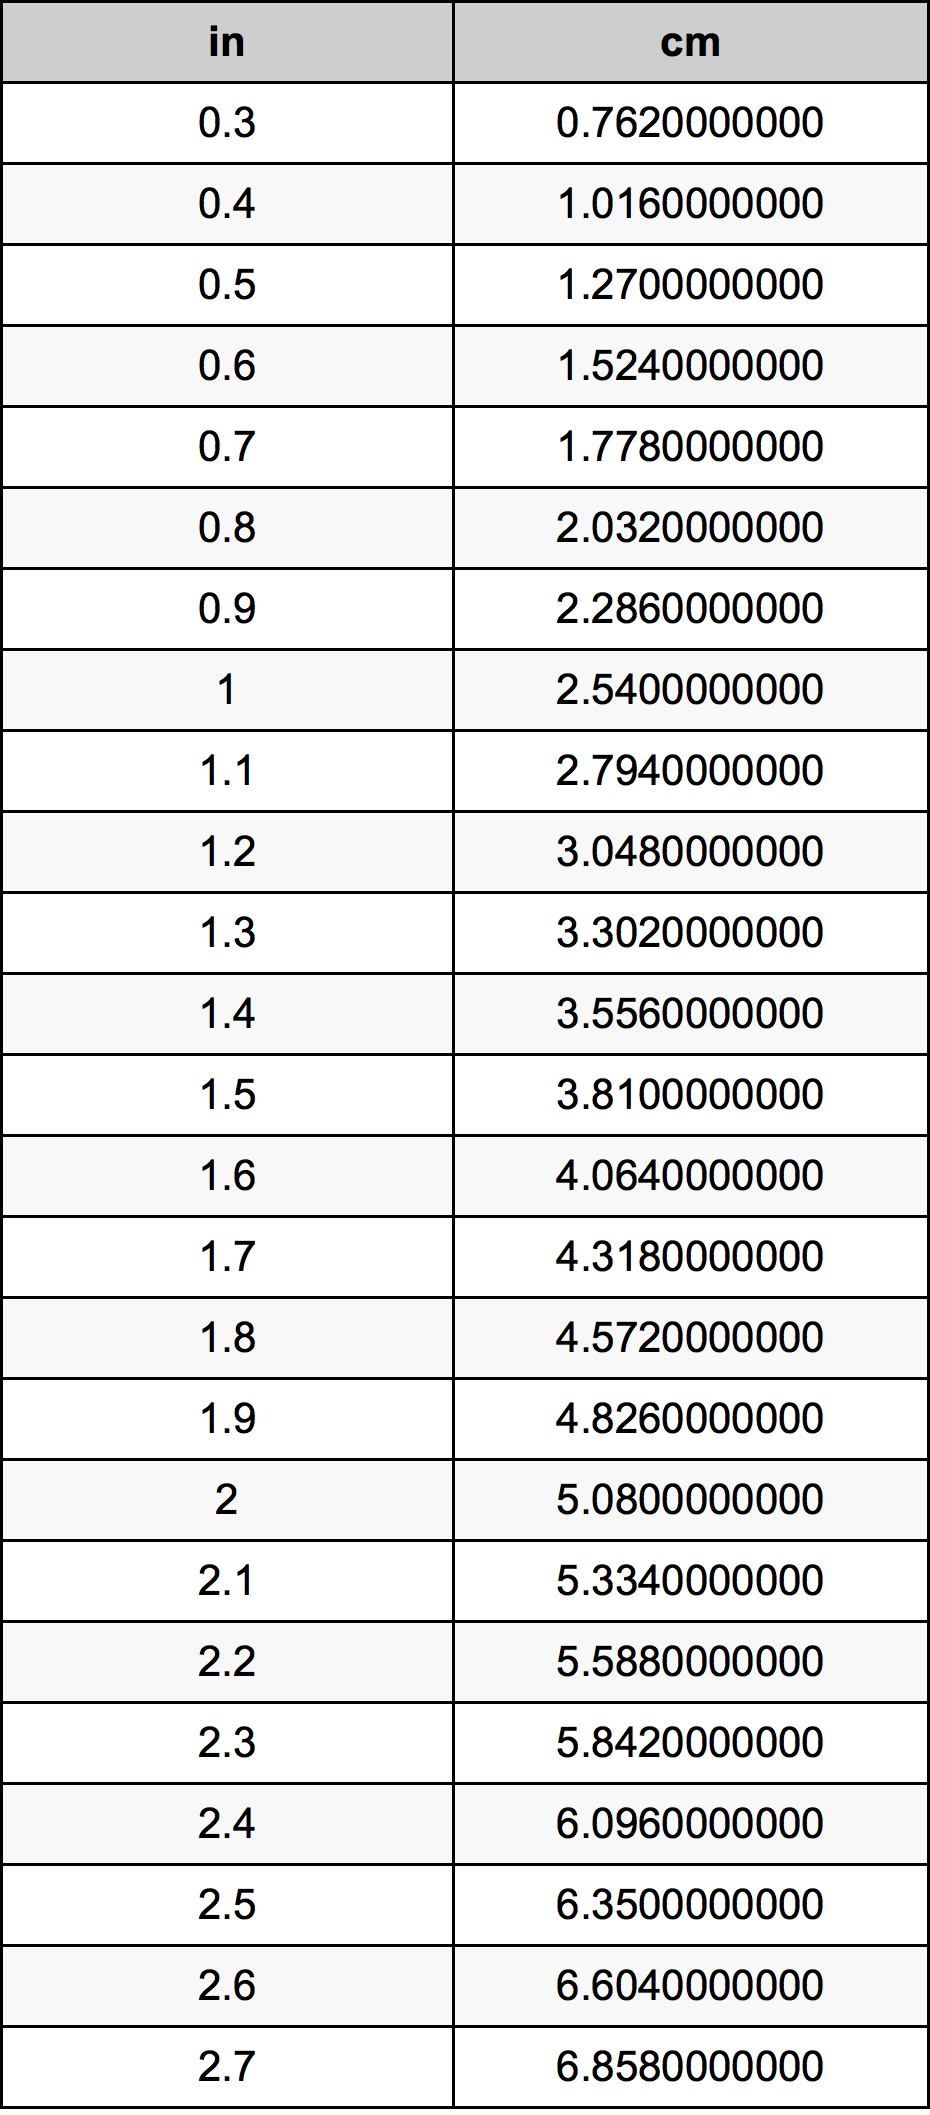 1 inci Berapa cm - Pengertian, Rumus, Panjang Dan Contoh Soal